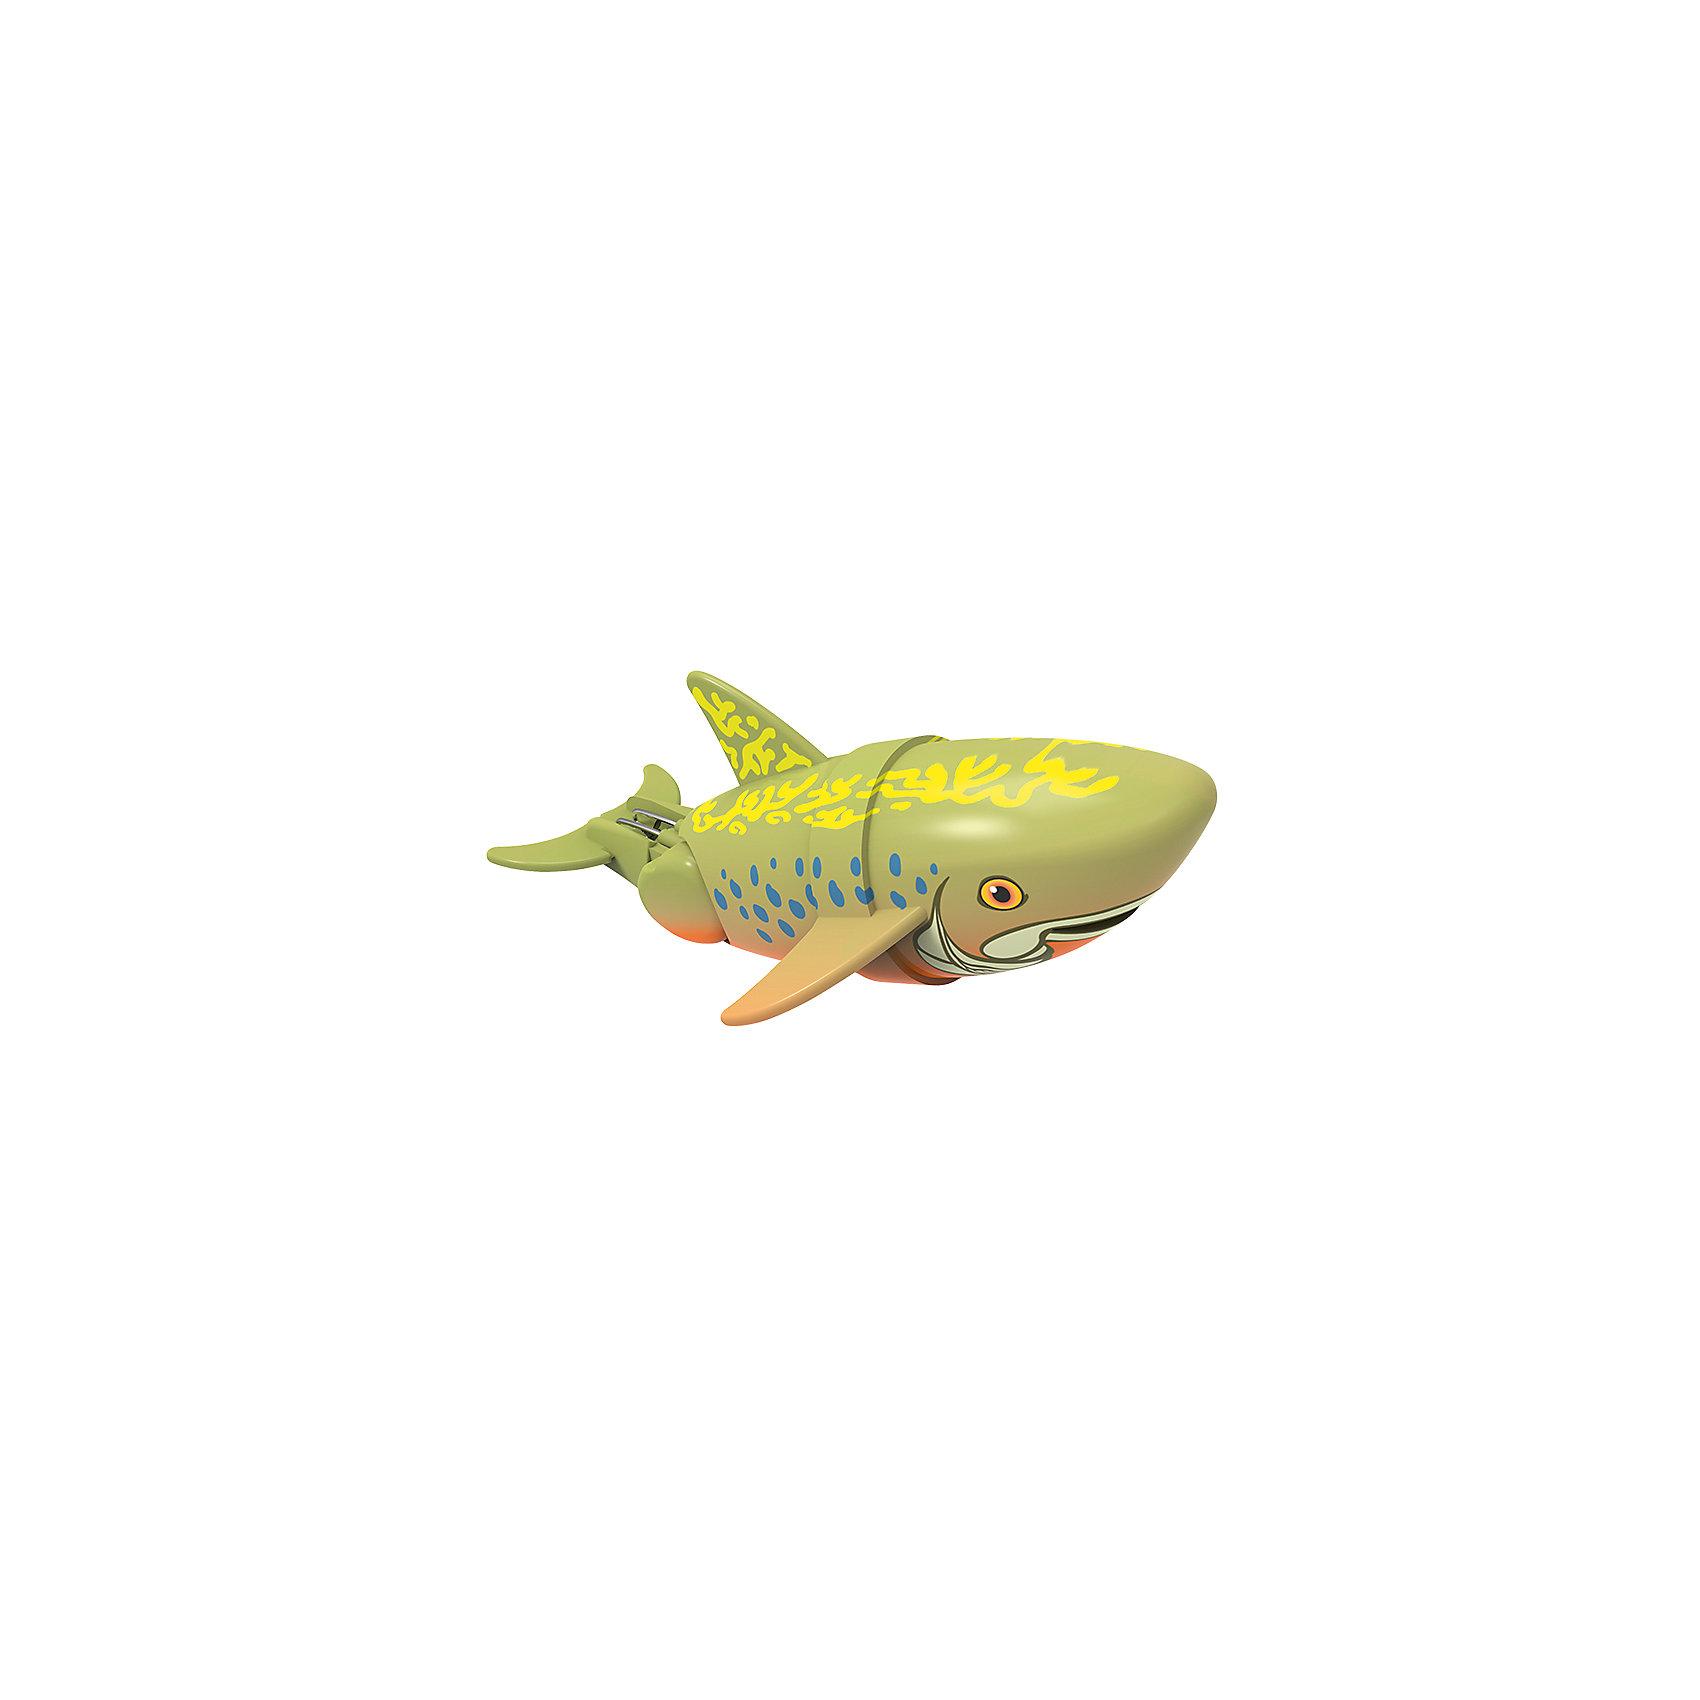 Интерактивная игрушка Рыбка-акробат - Брукс, 12 см Море чудесЗаводные игрушки<br>Характеристики товара:<br><br>• возраст от 3 лет<br>• материал: пластик<br>• длина рыбки 12 см<br>• тип батареек: 2 x AAA / LR0.3 1.5V (мизинчиковые)<br>• наличие батареек: не входят в комплект<br>• размер упаковки 16х14х8,5 см<br>• вес упаковки 416 г.<br>• упаковка: блистер на картоне<br>• страна производитель: Китай<br><br>Рыбка-акробат Брукс Redwood — интерактивная игрушка для ванной, которая сделает процесс купания малыша веселым и увлекательным. Рыбка умеет плавать и нырять. Двигая плавниками и хвостом в разных направлениях, она начинает плыть. На корпусе имеется небольшое отверстие, в которое можно продеть веревочку и брать рыбку с собой на водоем. <br><br>Рыбку-акробат Брукс Redwood можно приобрести в нашем интернет-магазине.<br><br>Ширина мм: 160<br>Глубина мм: 140<br>Высота мм: 85<br>Вес г: 416<br>Возраст от месяцев: 36<br>Возраст до месяцев: 2147483647<br>Пол: Унисекс<br>Возраст: Детский<br>SKU: 5544172